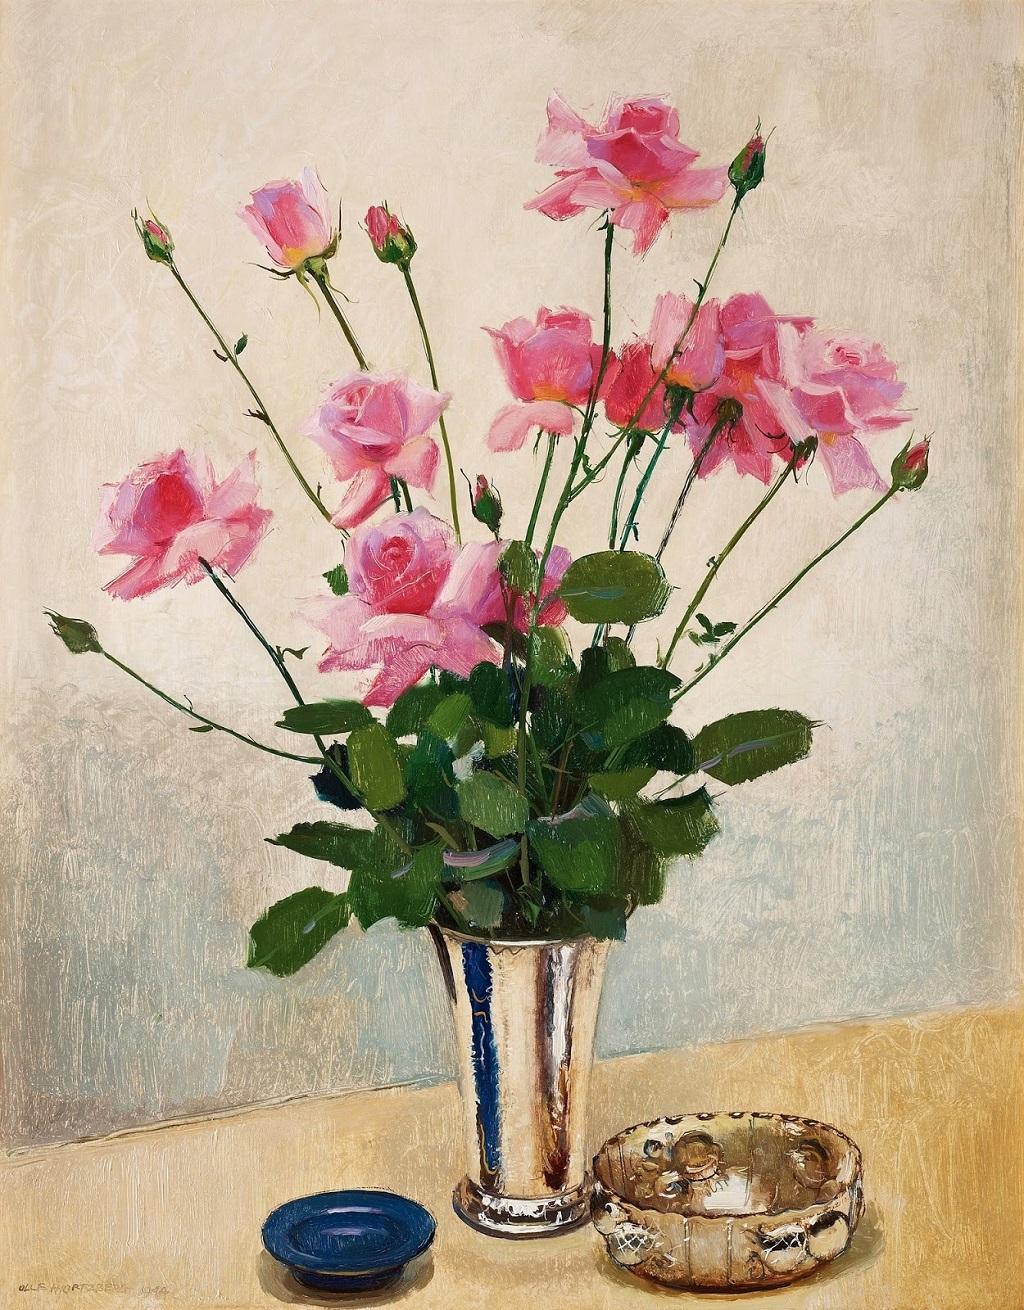 18-1944_Натюрморт с розами в серебряном кубке_91.5 x 73_д.,м._Частное собрание.jpg